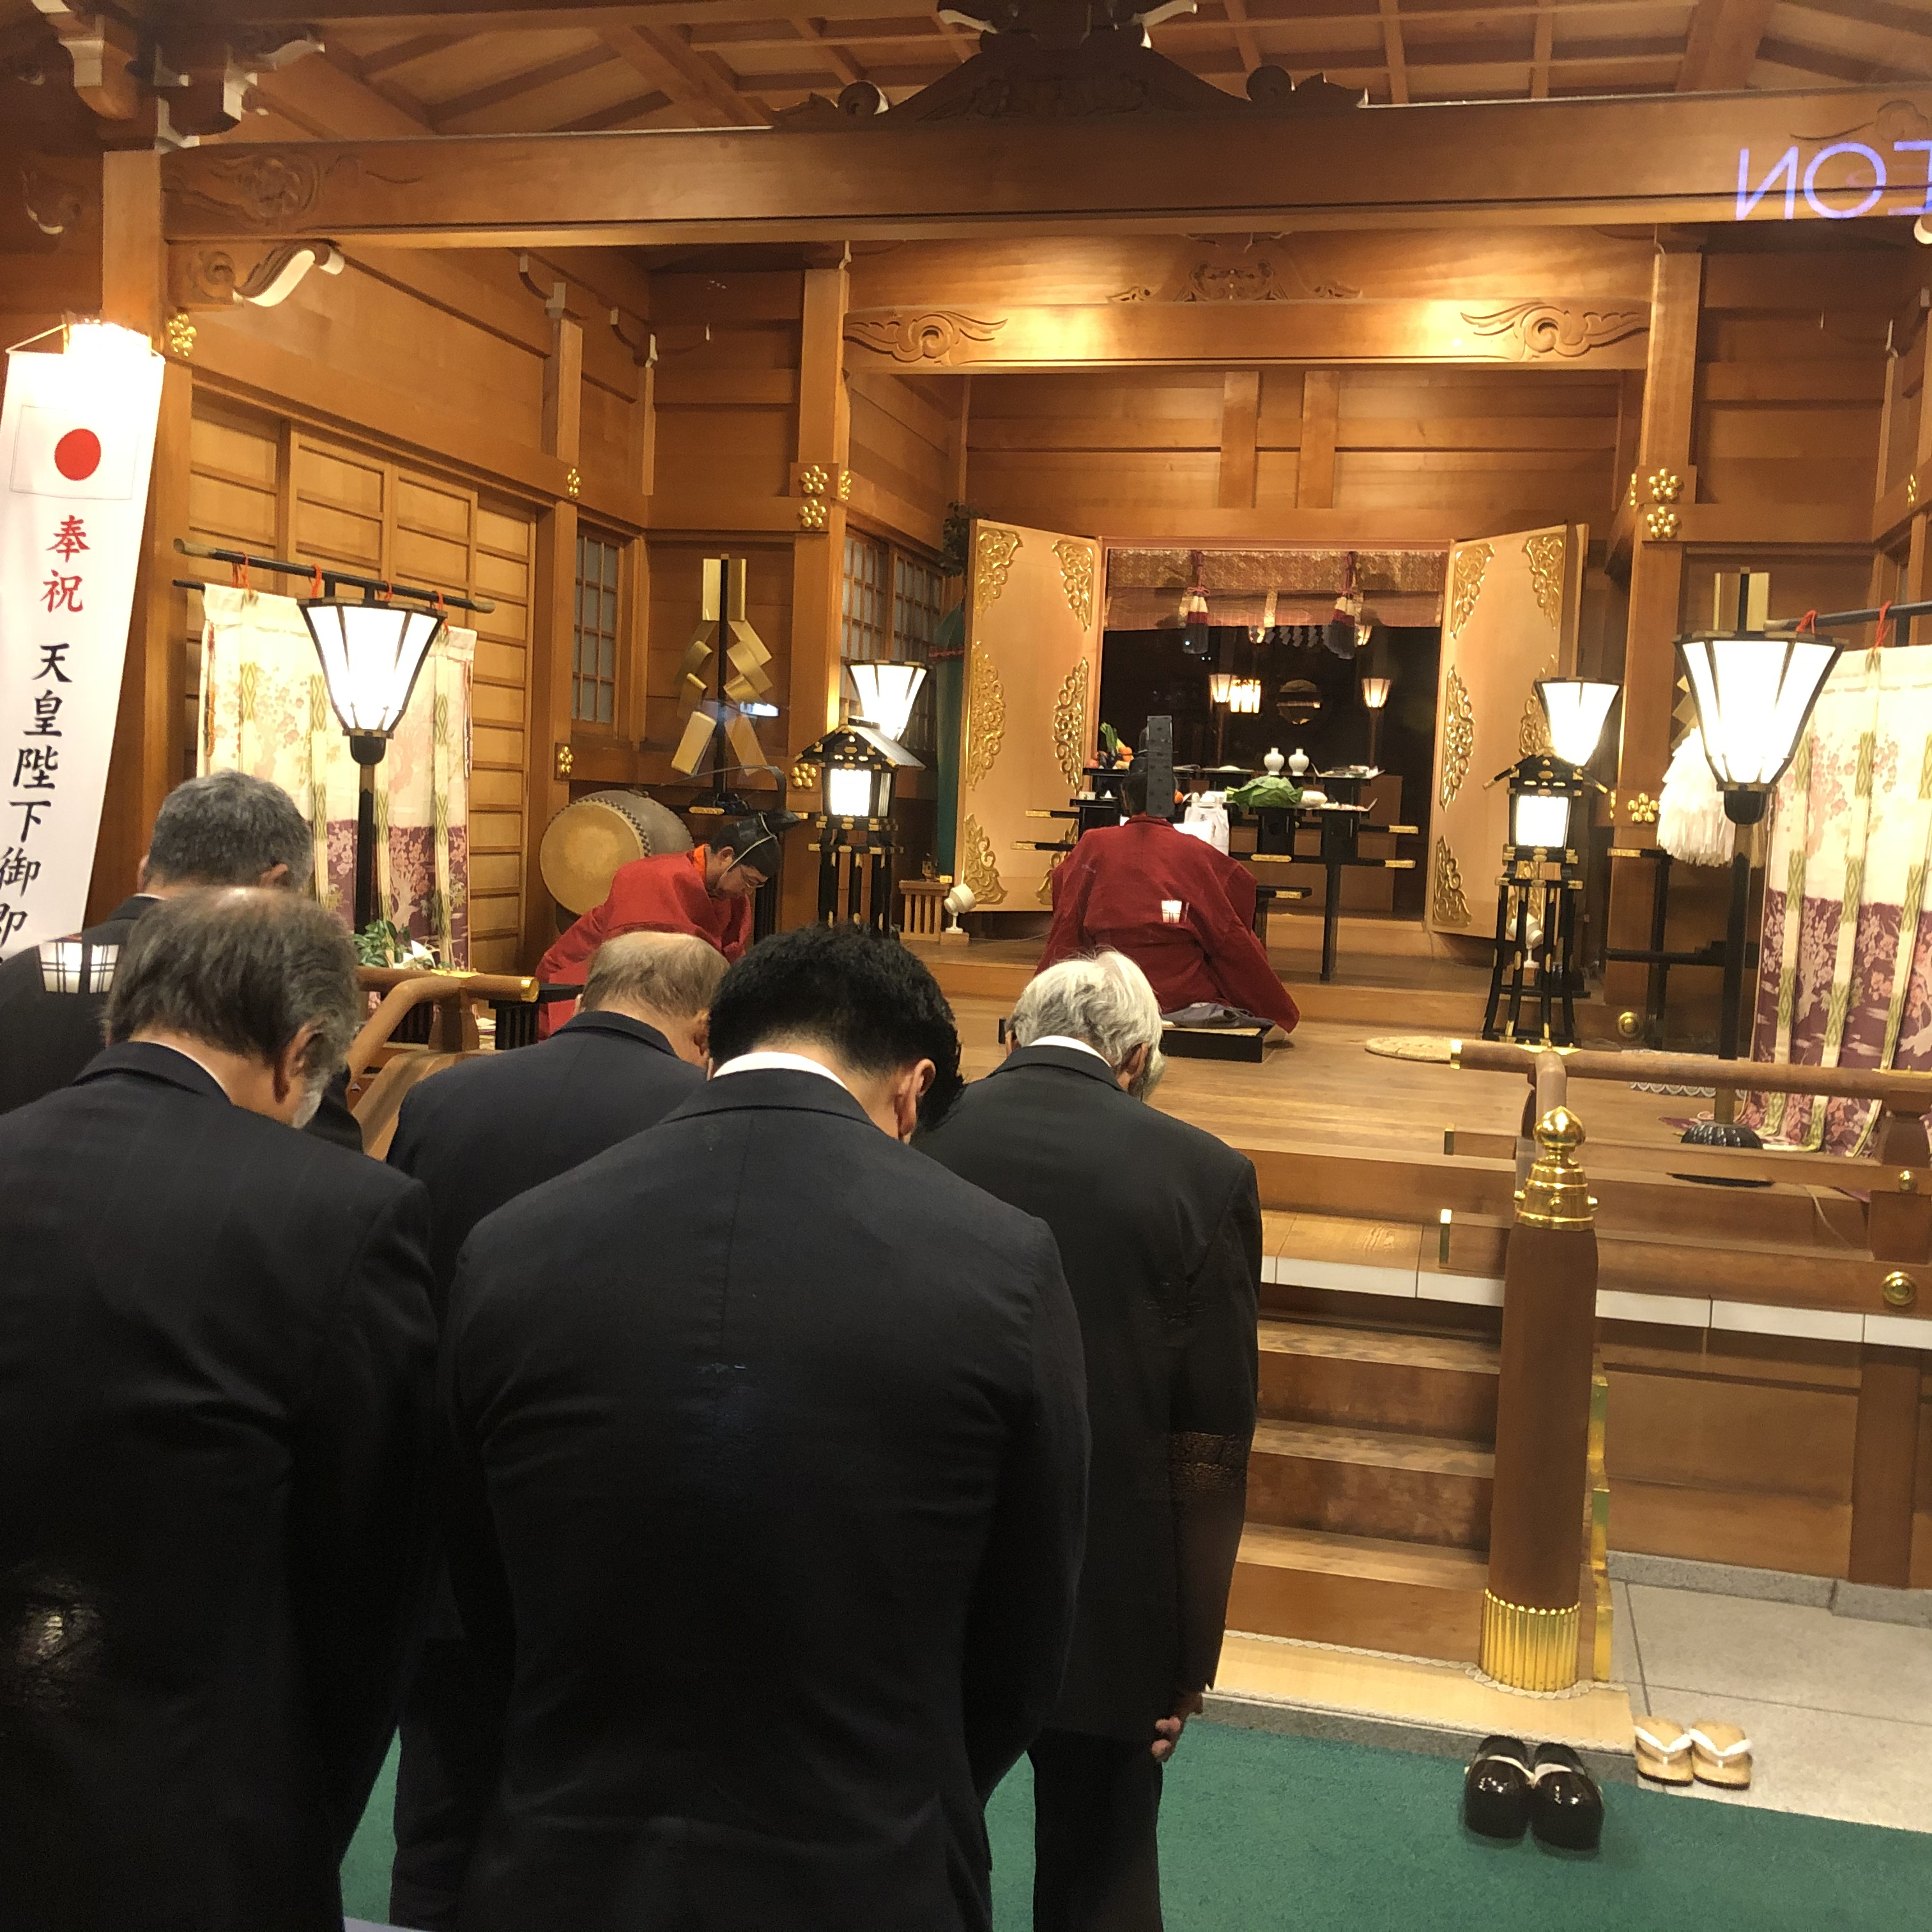 11/23に新嘗祭と大嘗祭を行いました。